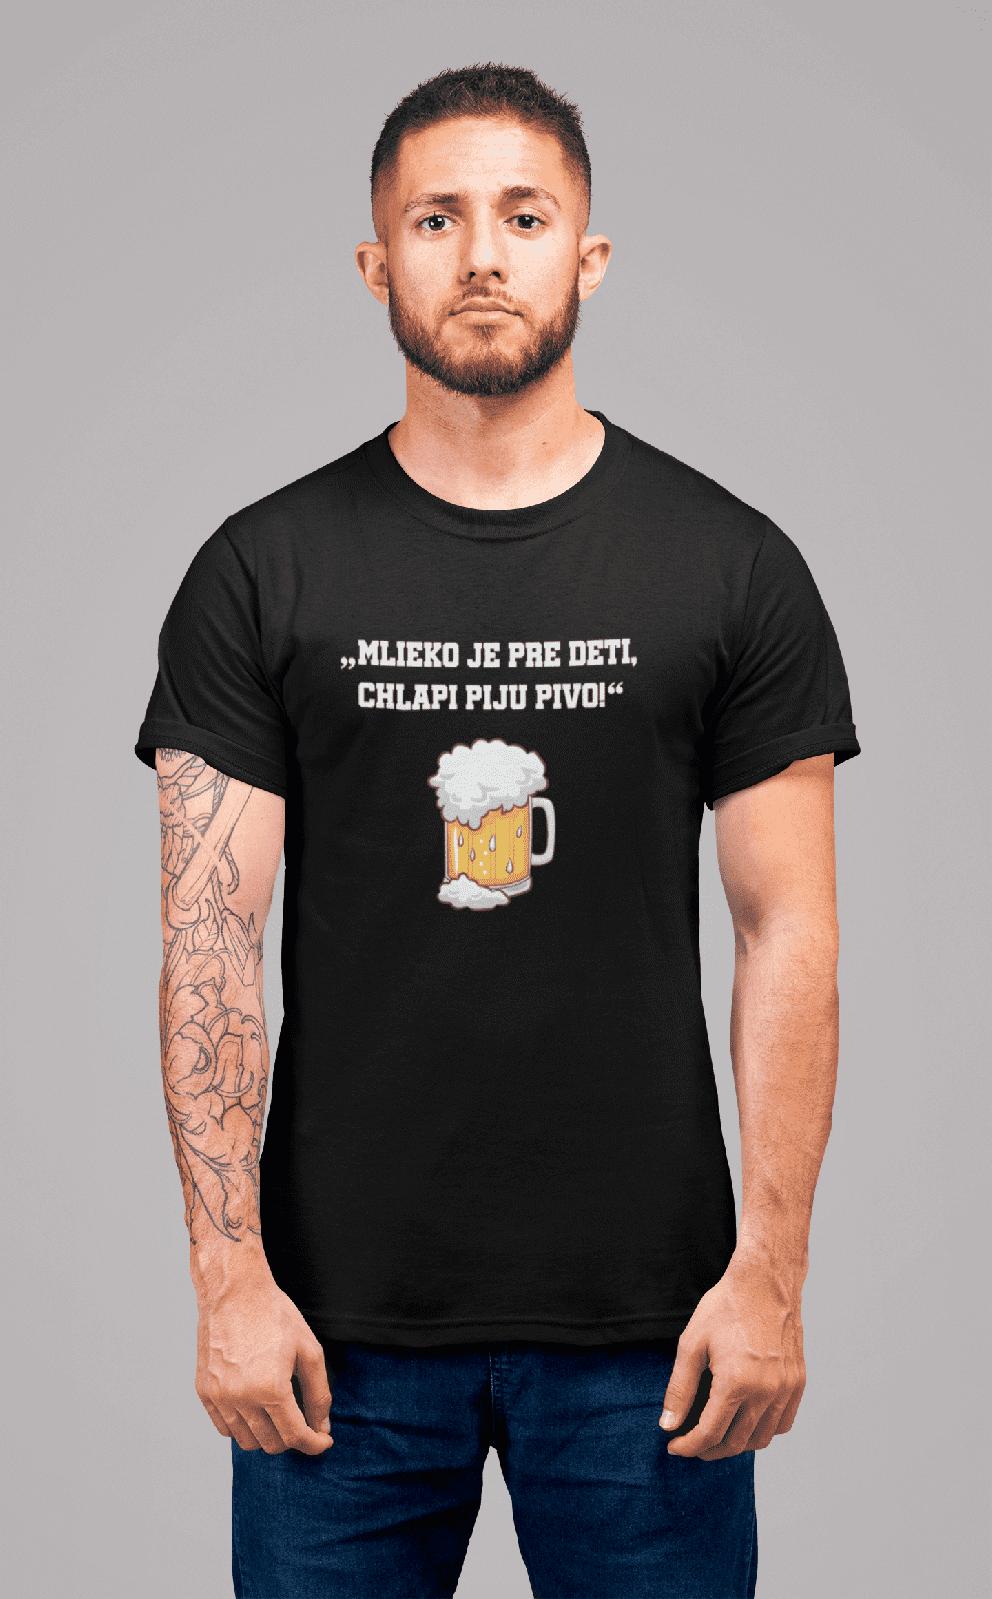 MMO Pánske tričko Mlieko je pre deti Vyberte farbu: Čierna, Vyberte veľkosť: S